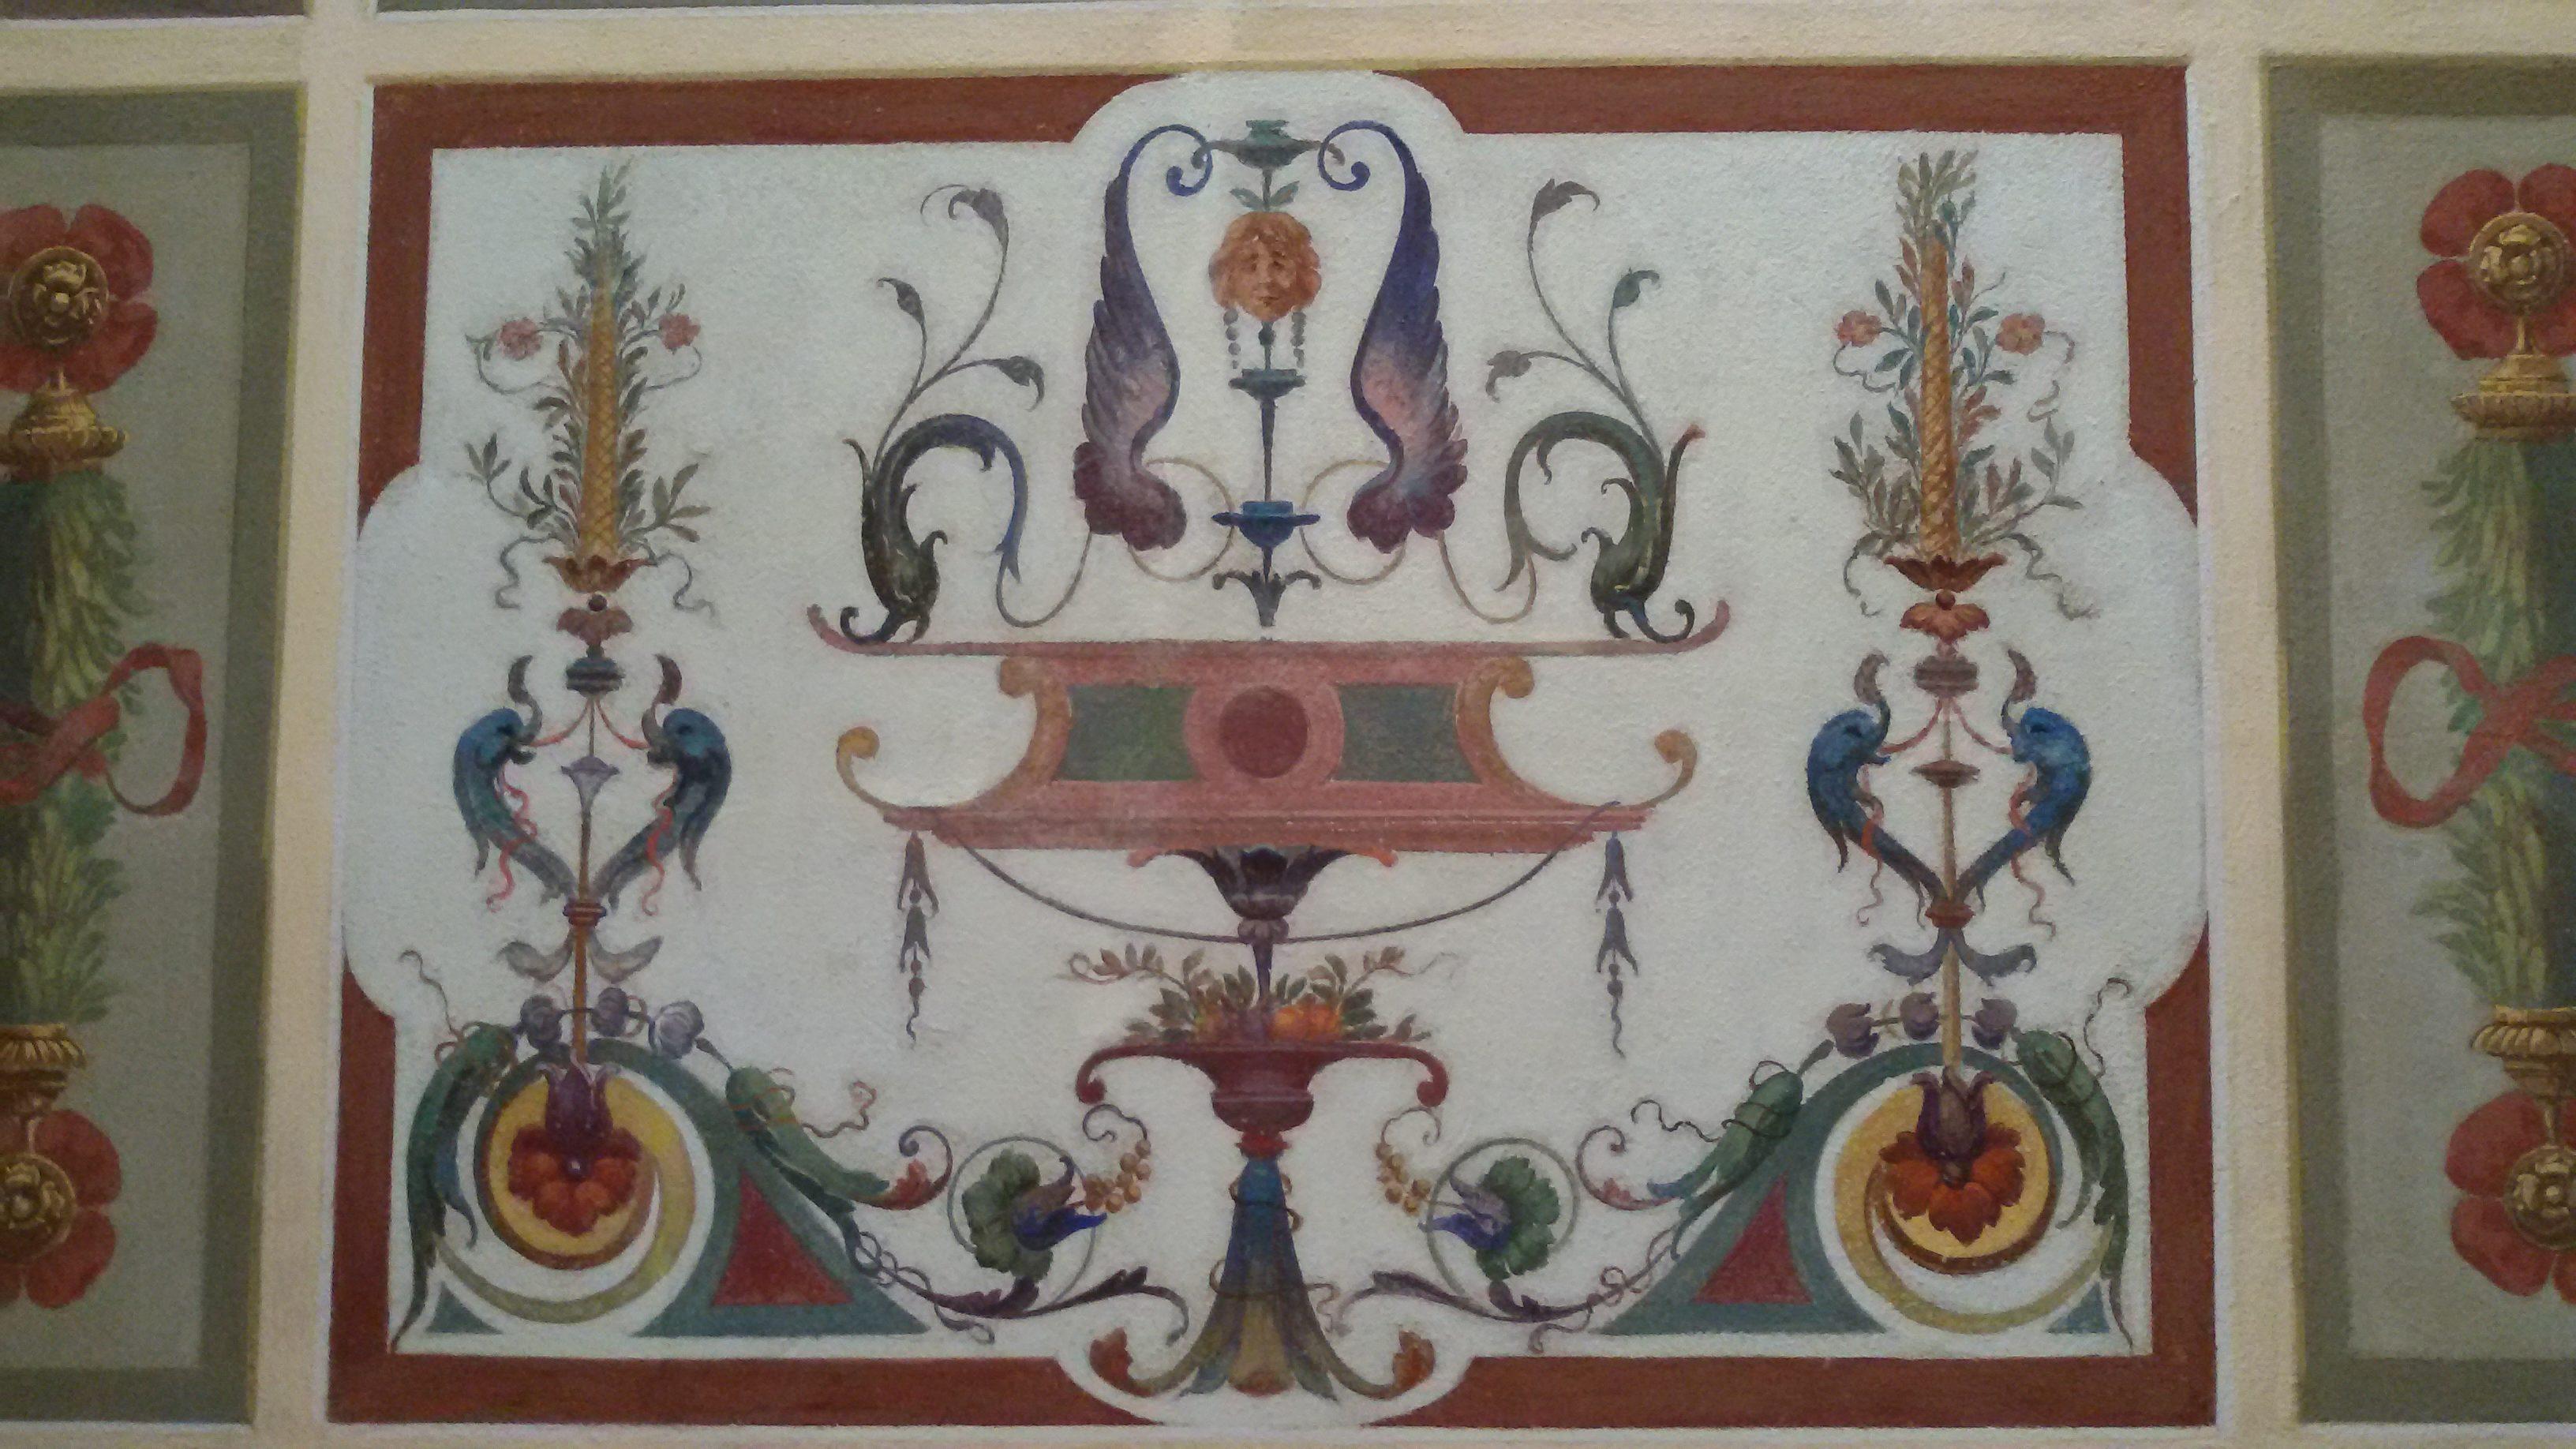 Decorazioni artistiche per esterni ed interni fatte a mano - Decorazioni artistiche ...